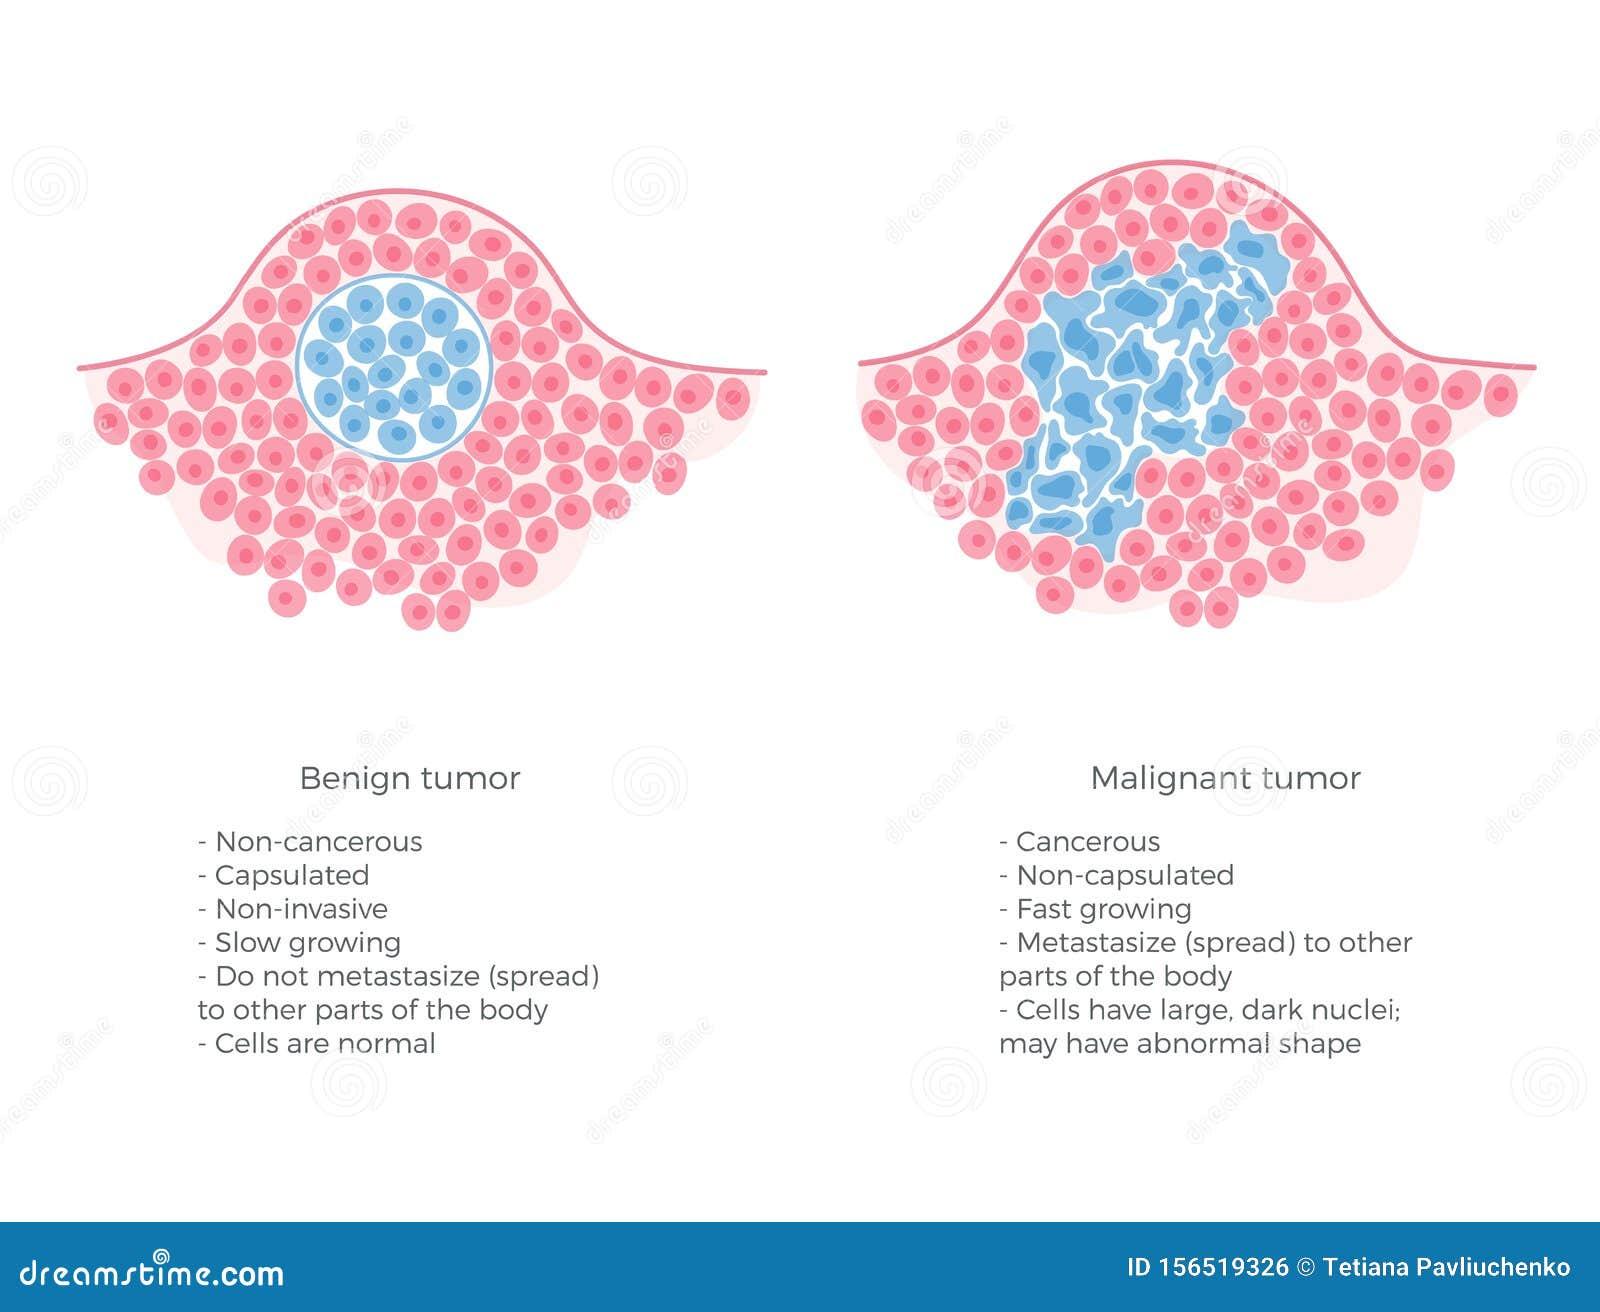 cancer being benign)